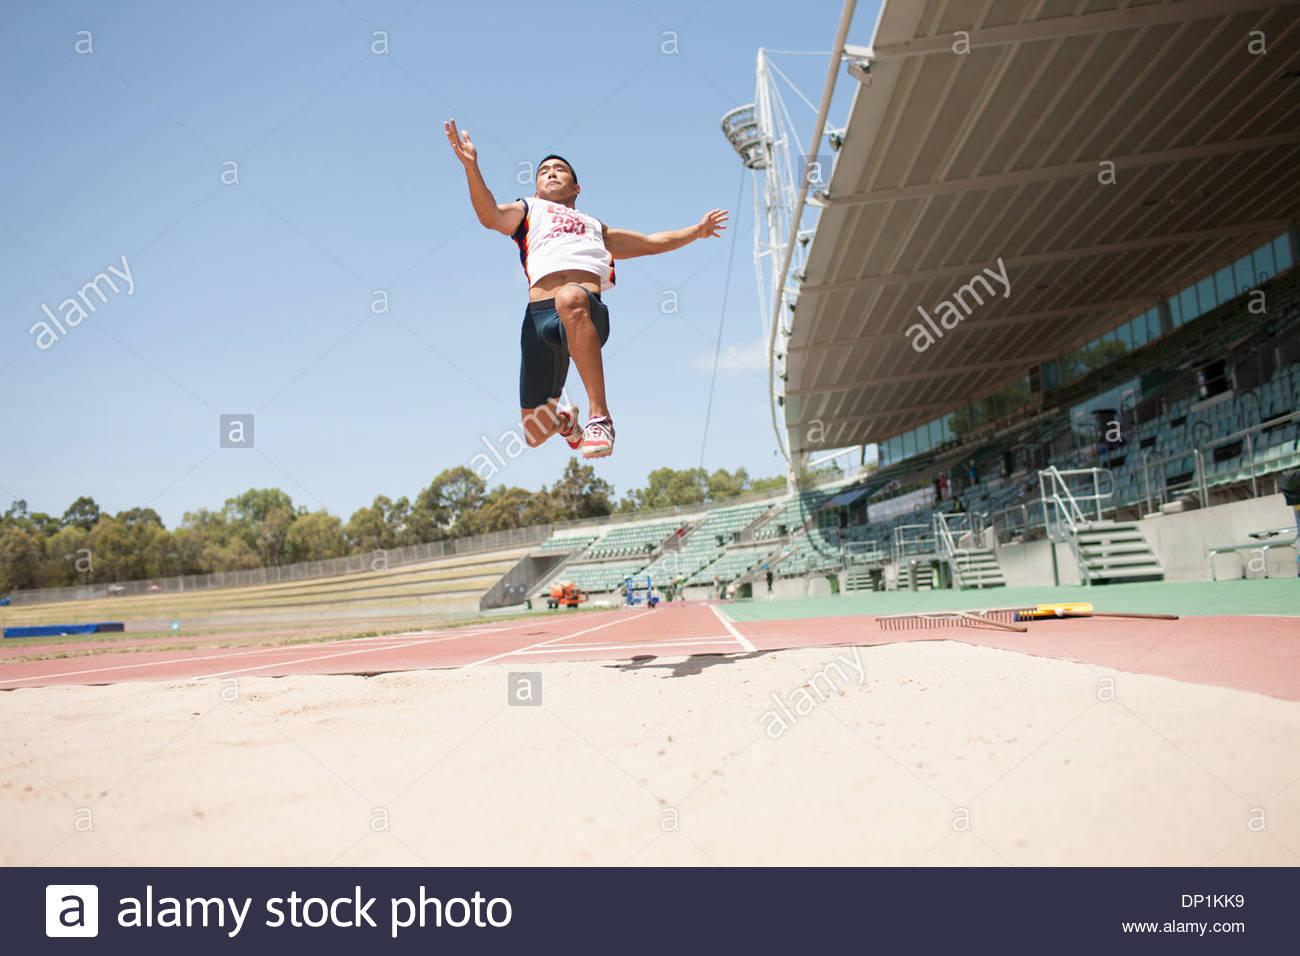 Runner doing long jump - Stock Image